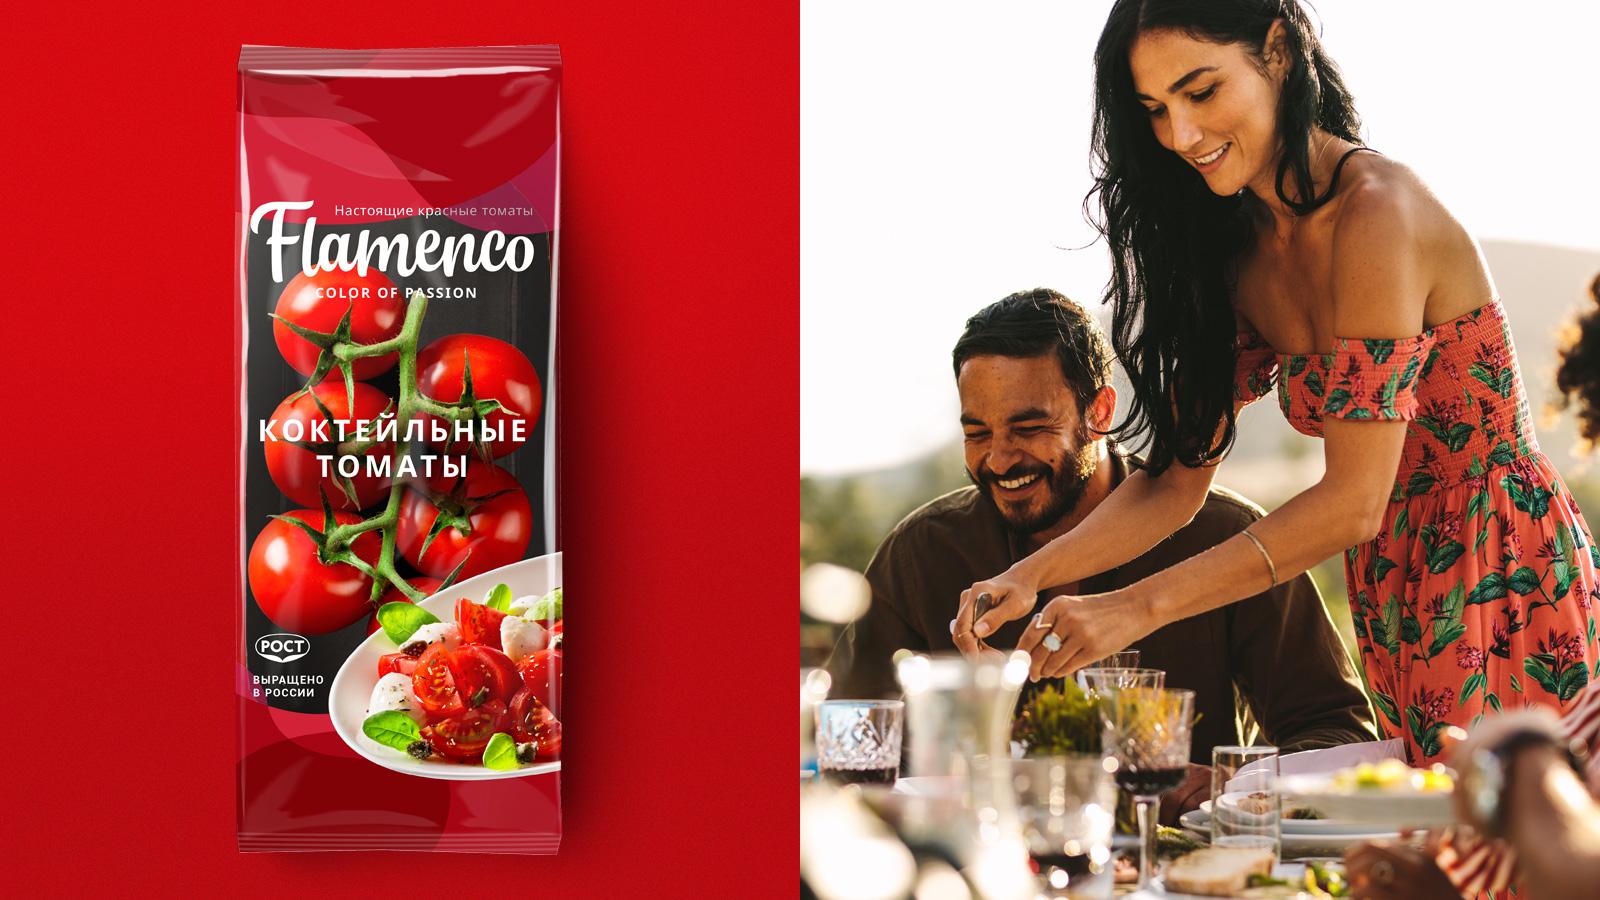 Красный цвет нашел отражение в дизайне упаковки, фудстайлинге и названии бренда